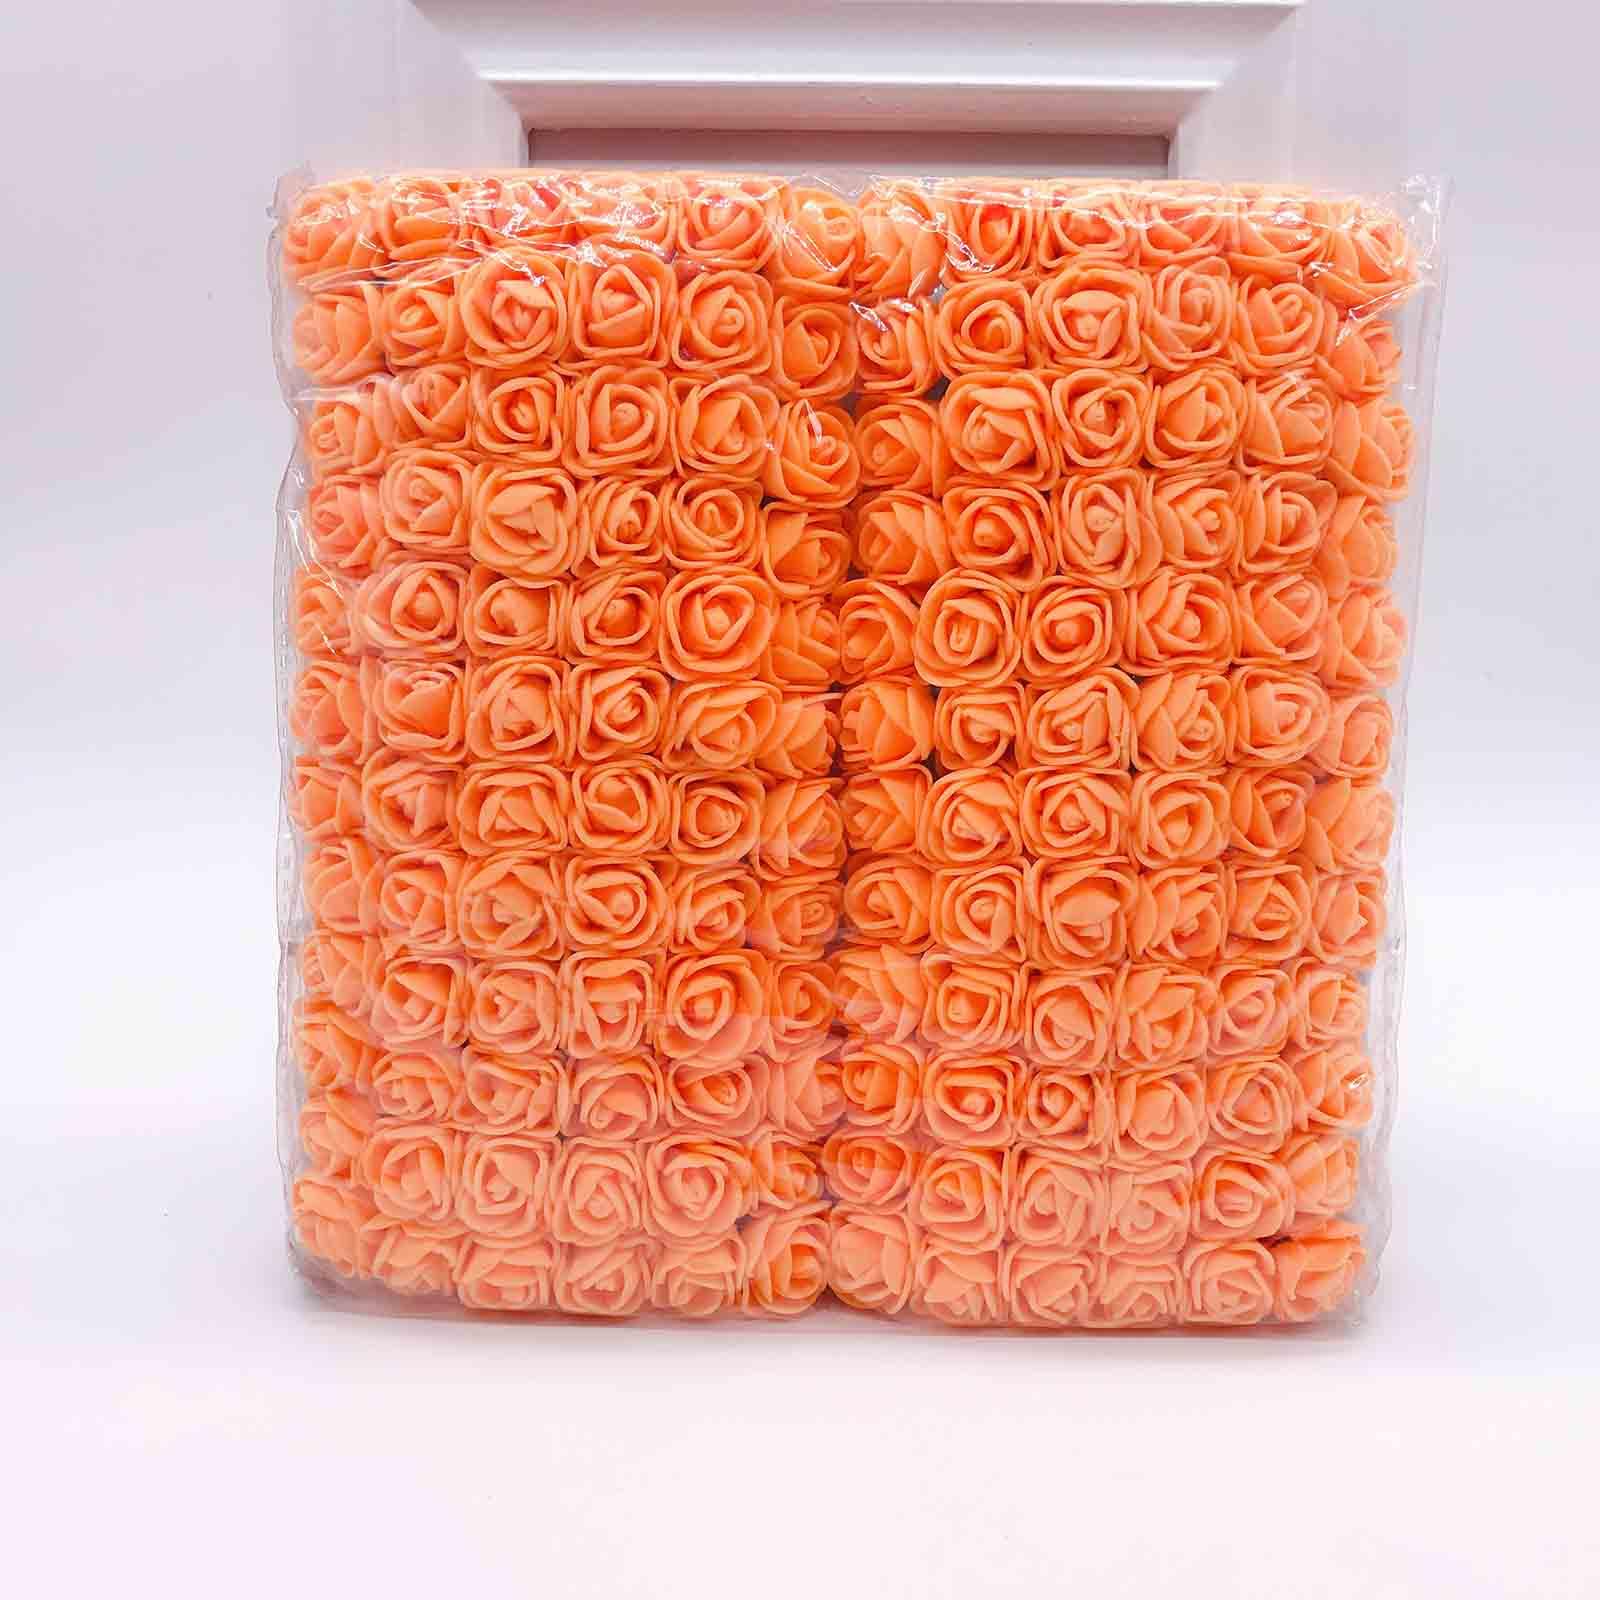 144 шт 2 см мини-розы из пенопласта для дома, свадьбы, искусственные цветы, декорация для скрапбукинга, сделай сам, венок, Подарочная коробка, дешевый искусственный цветок, букет - Цвет: 4